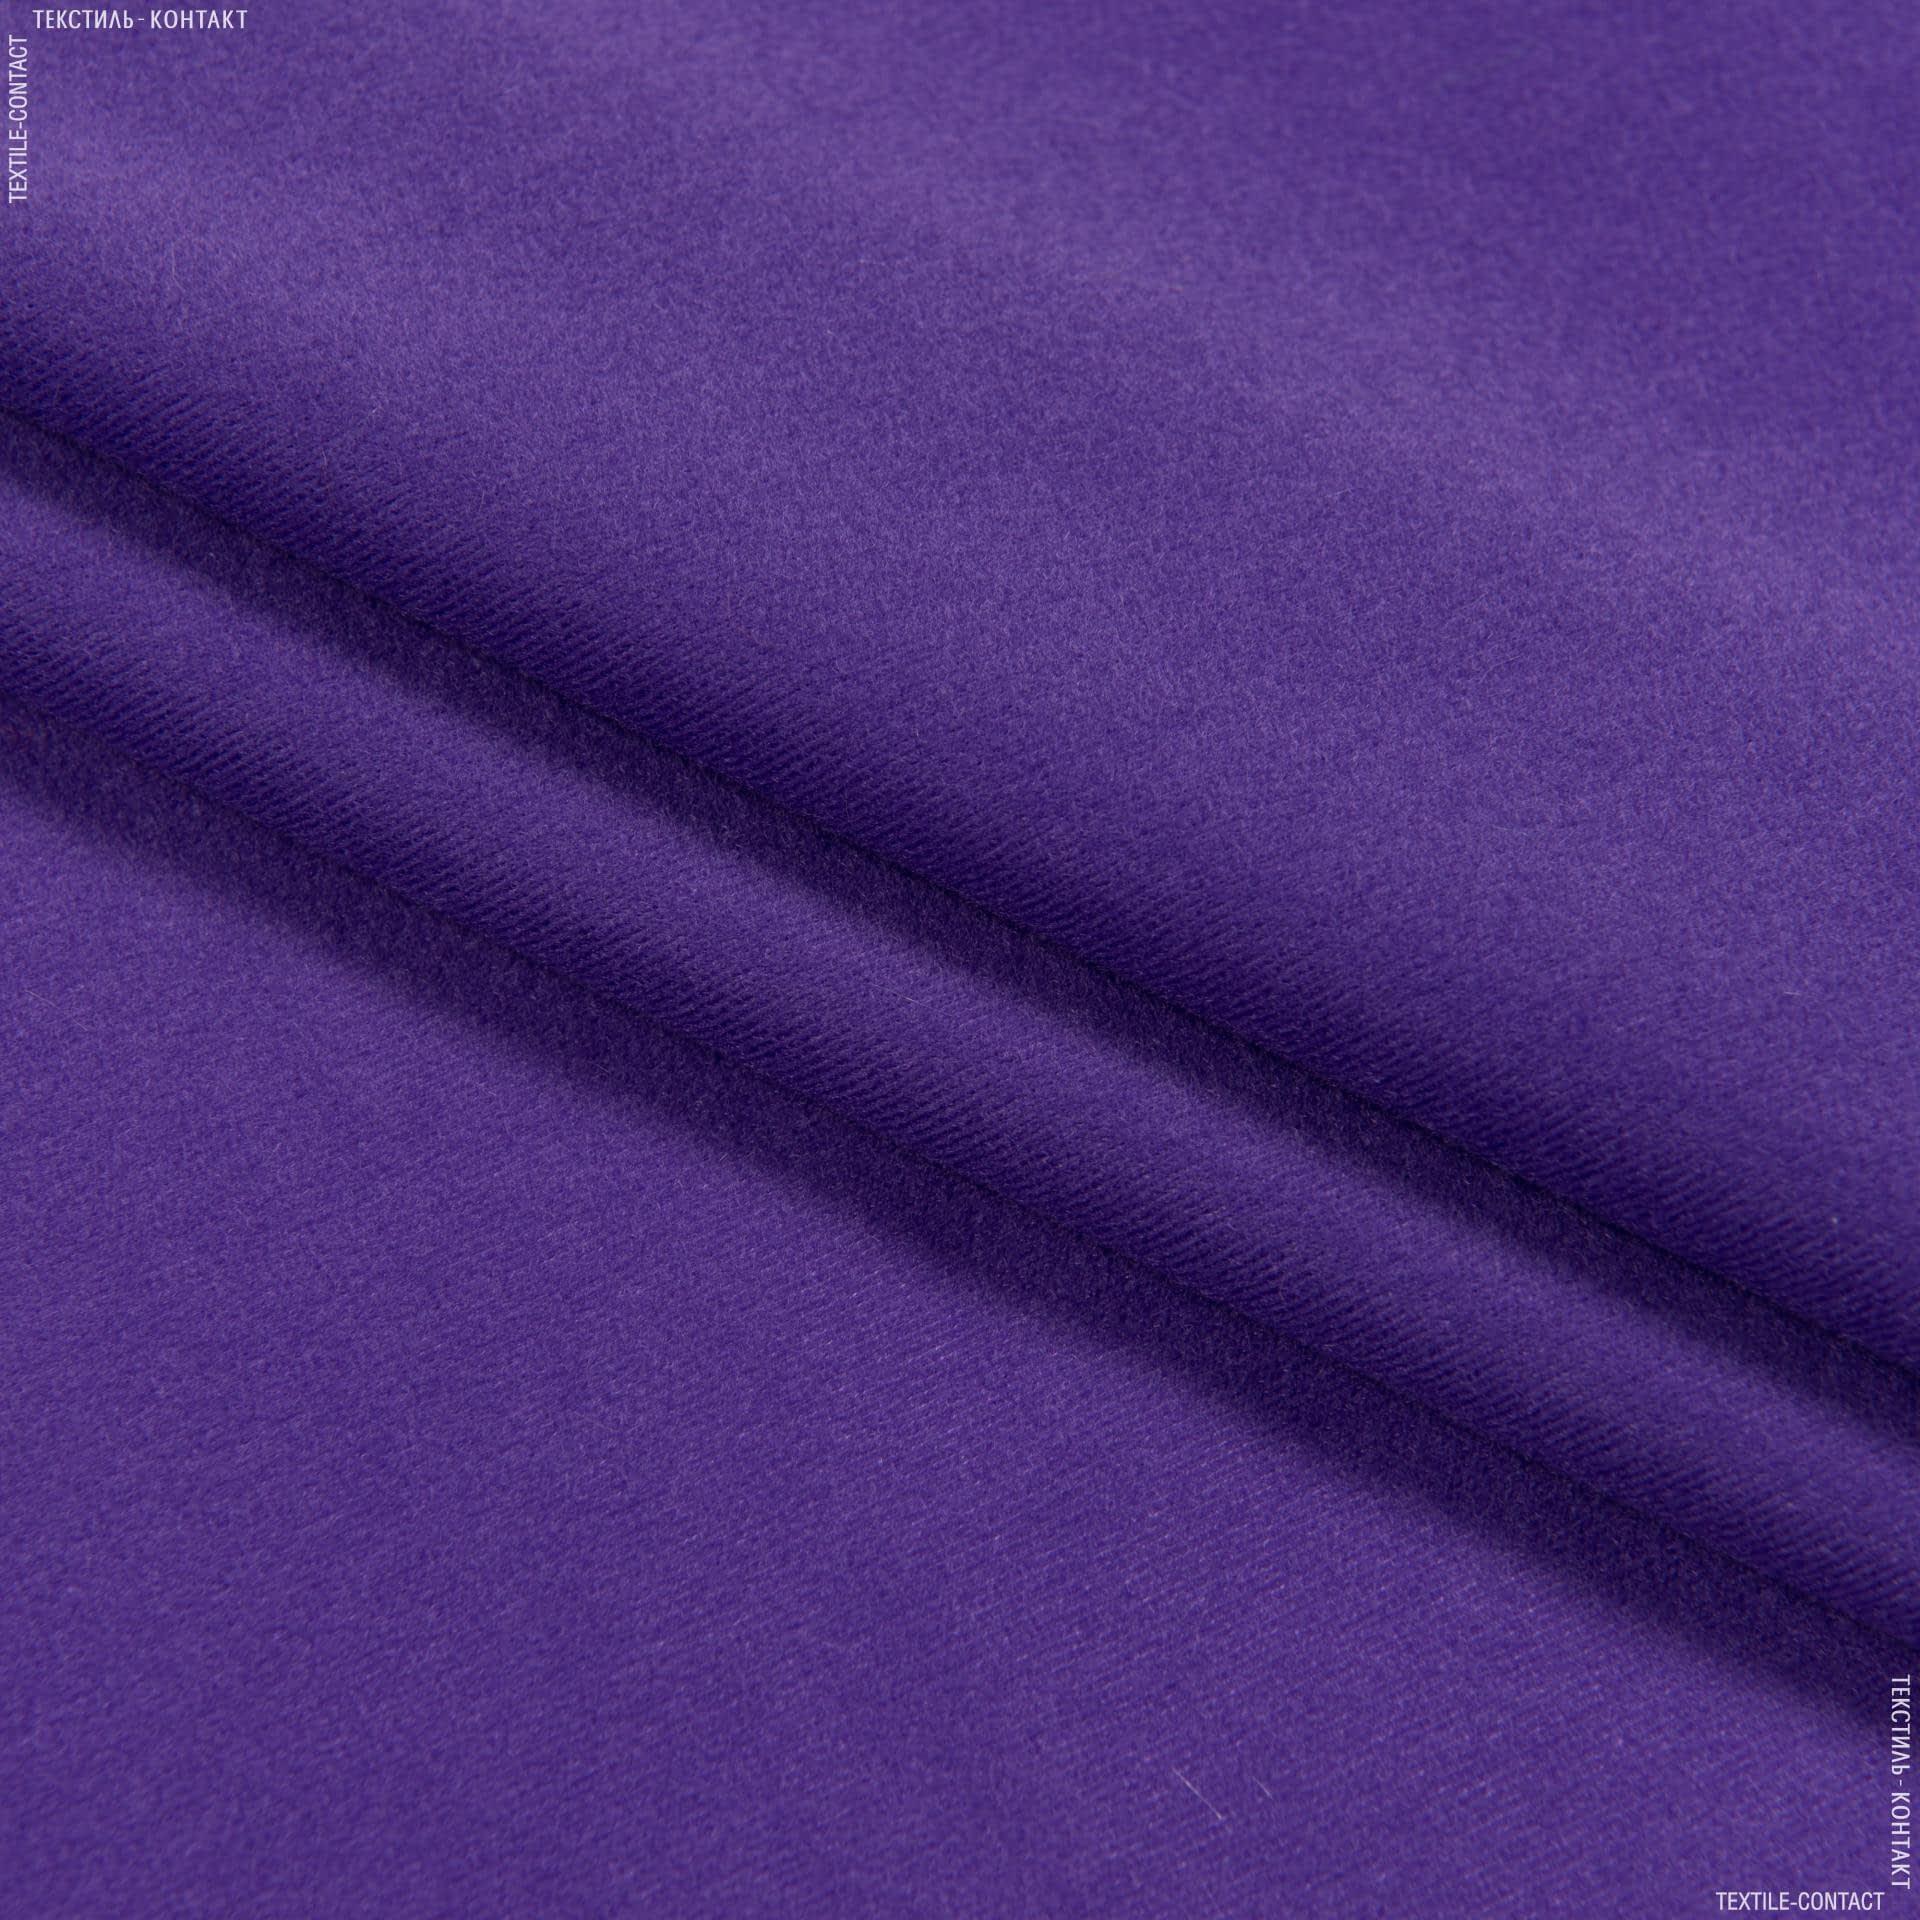 Тканини для м'яких іграшок - Трикотаж-липучка фіолетовий